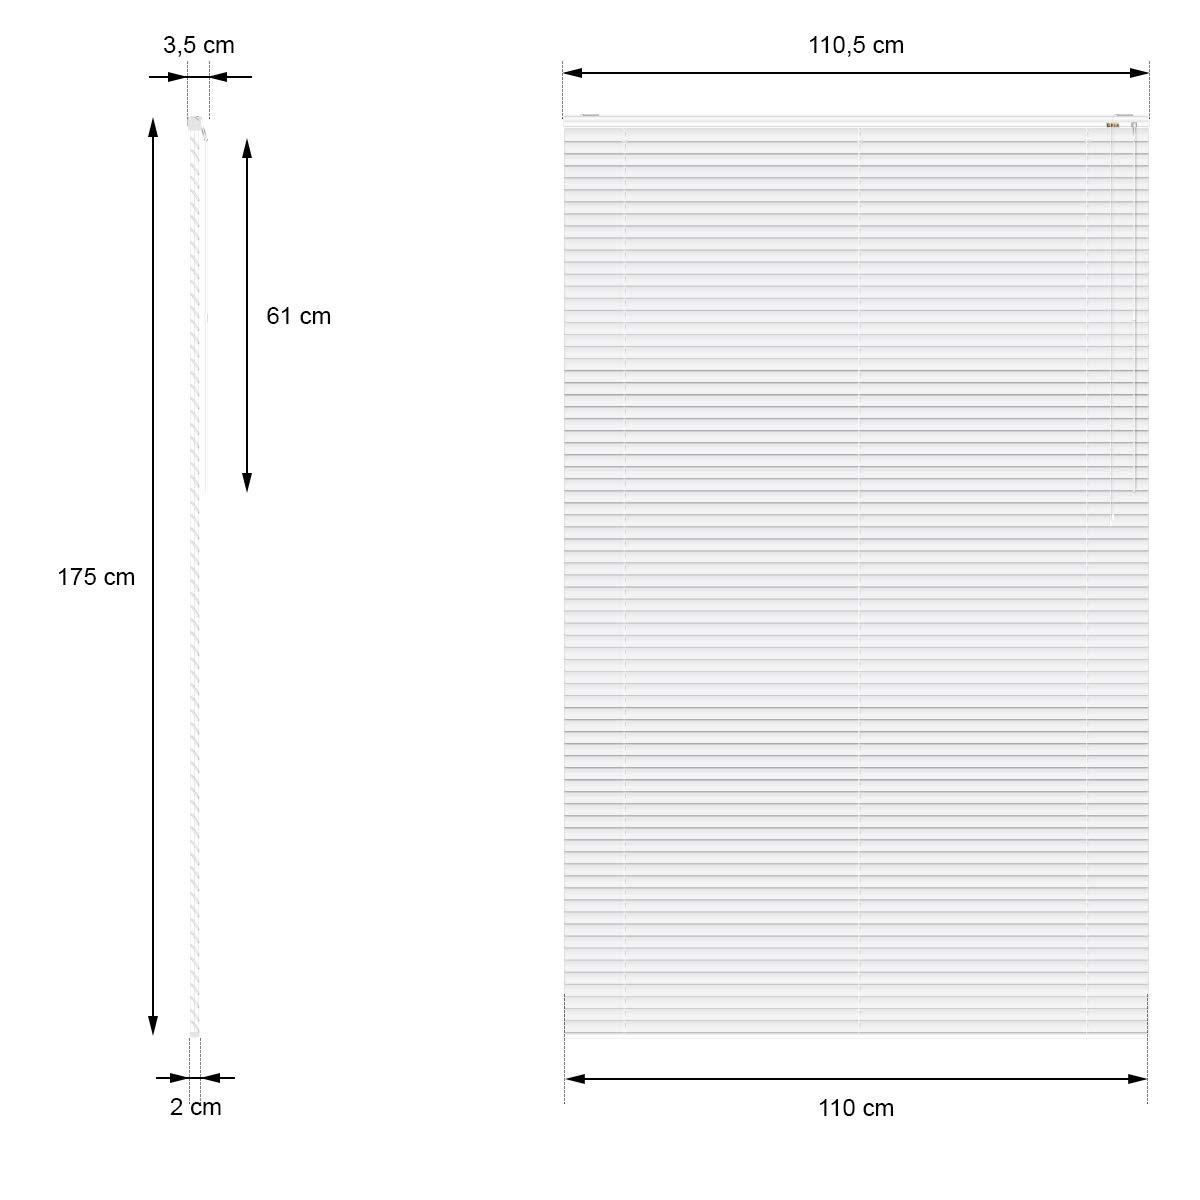 alle Montageteile Aluminium Fensterjalousie Jalousette Rollo inkl ECD Germany Alu Jalousie 140 x 175 cm Wei/ß Sicht- f/ür Fenster und T/ür Licht- und Blendschutz Aluminiumlamellen